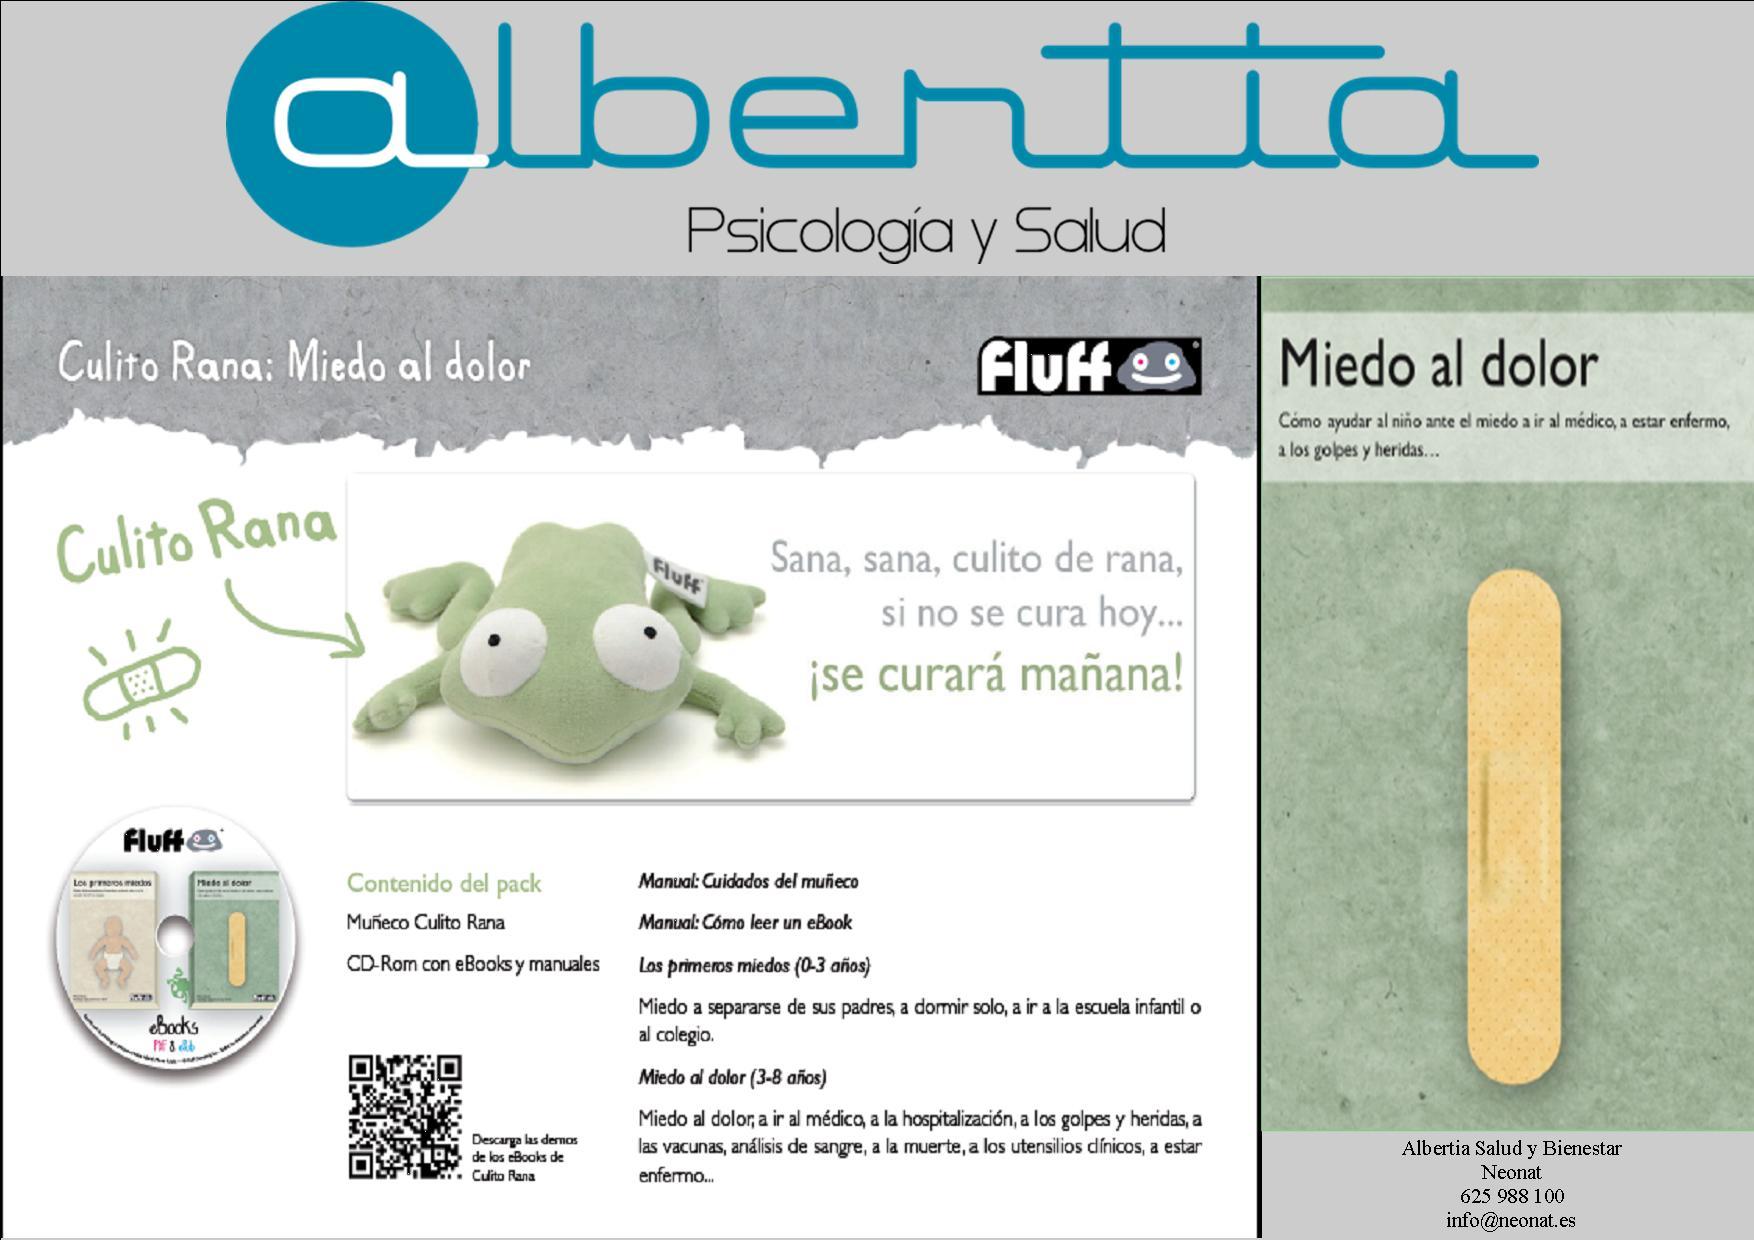 Psicología Infantil  Albertia Psicología y Salud